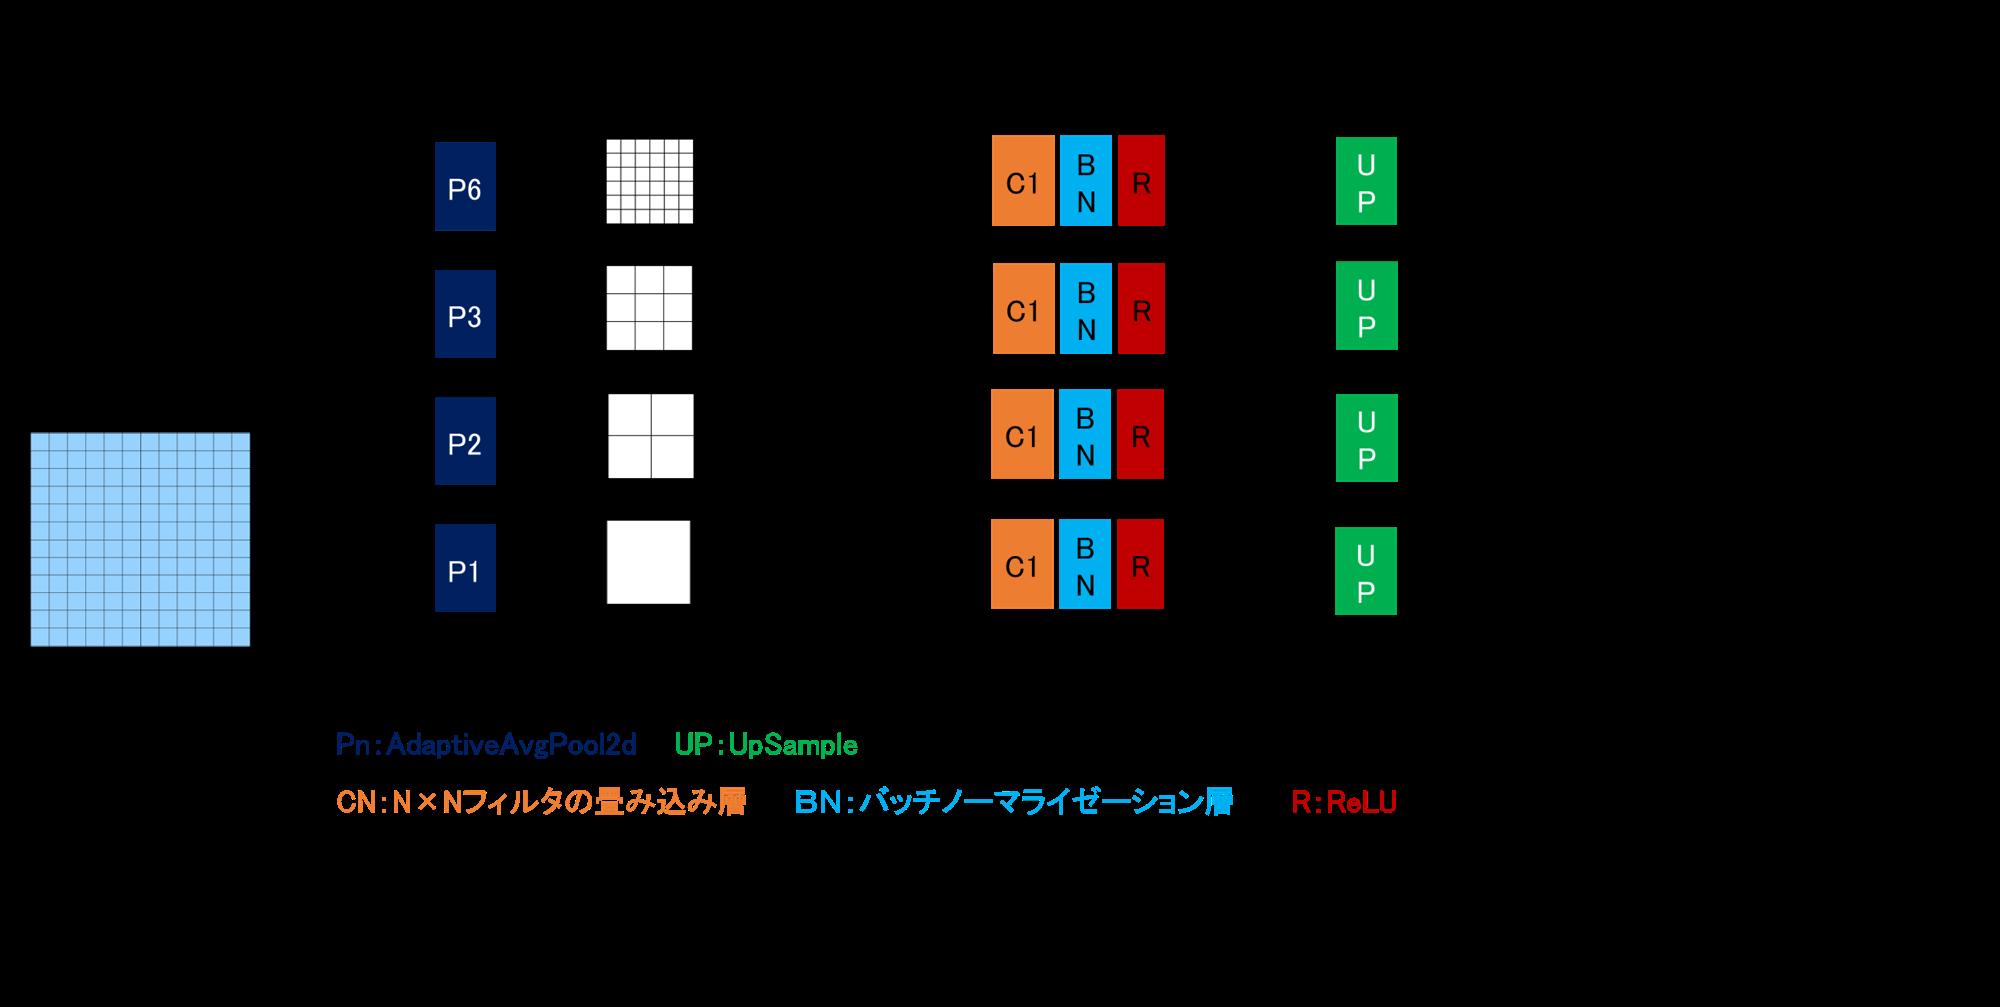 図10.png